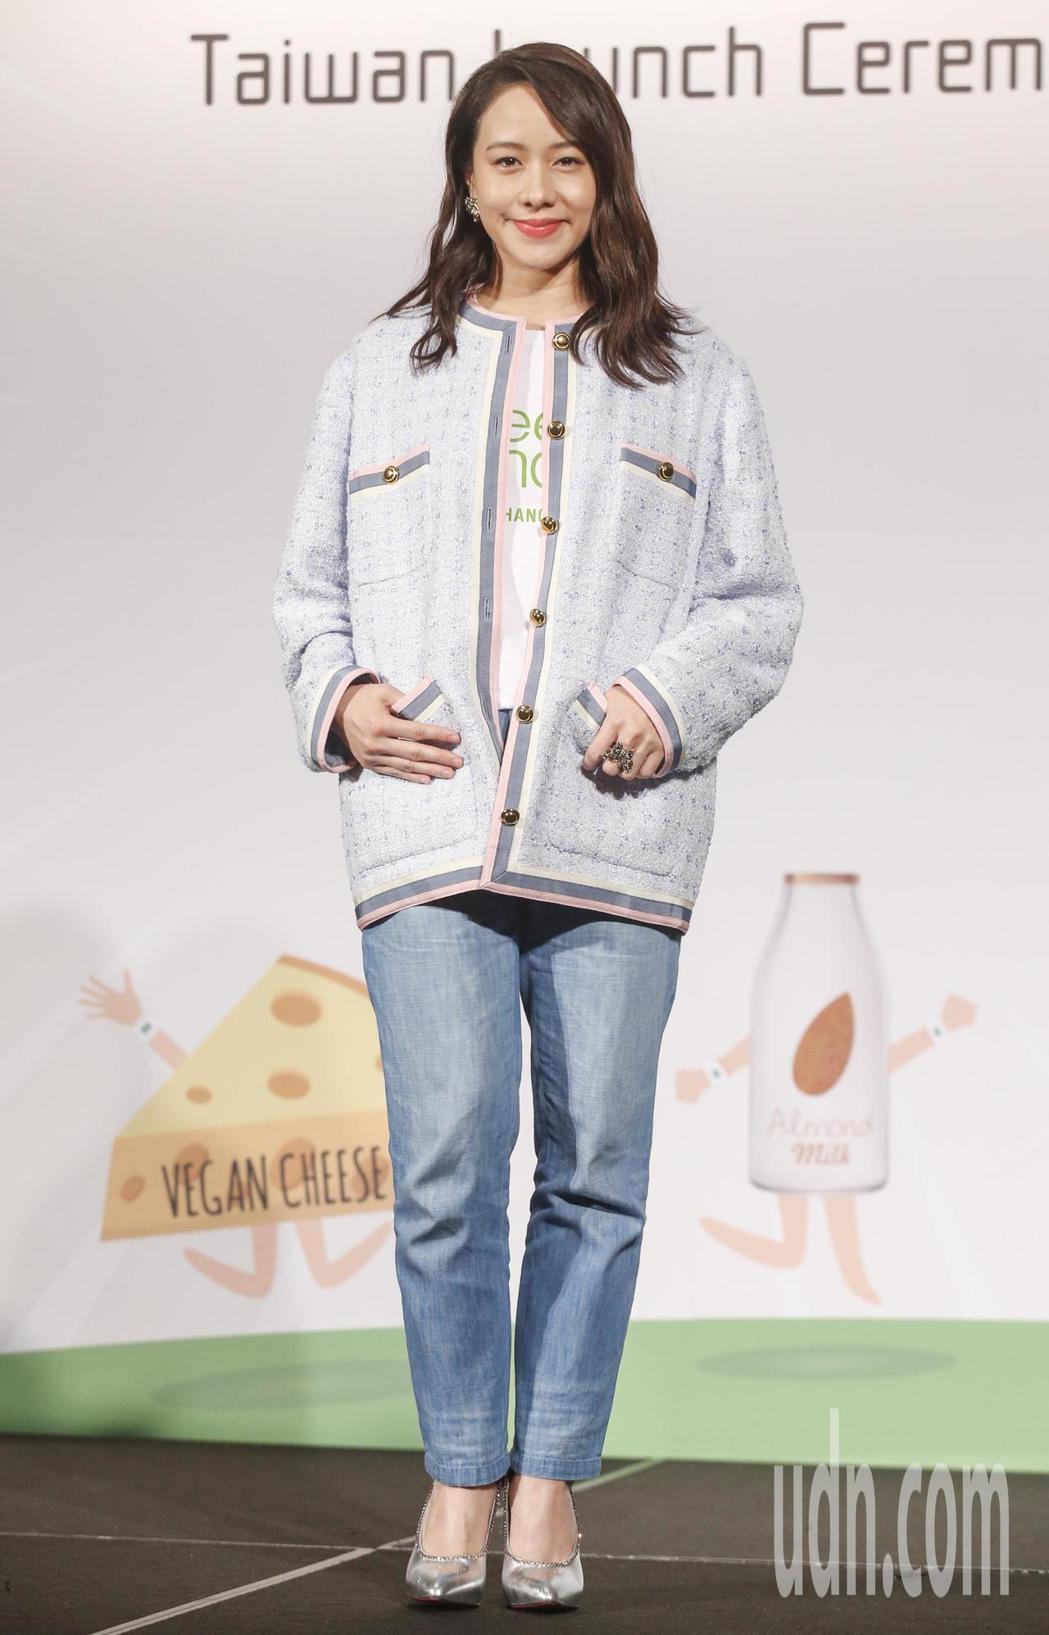 金馬女星林嘉欣下午參加Green Monday台灣啟動記者會,分享自己每周一素食